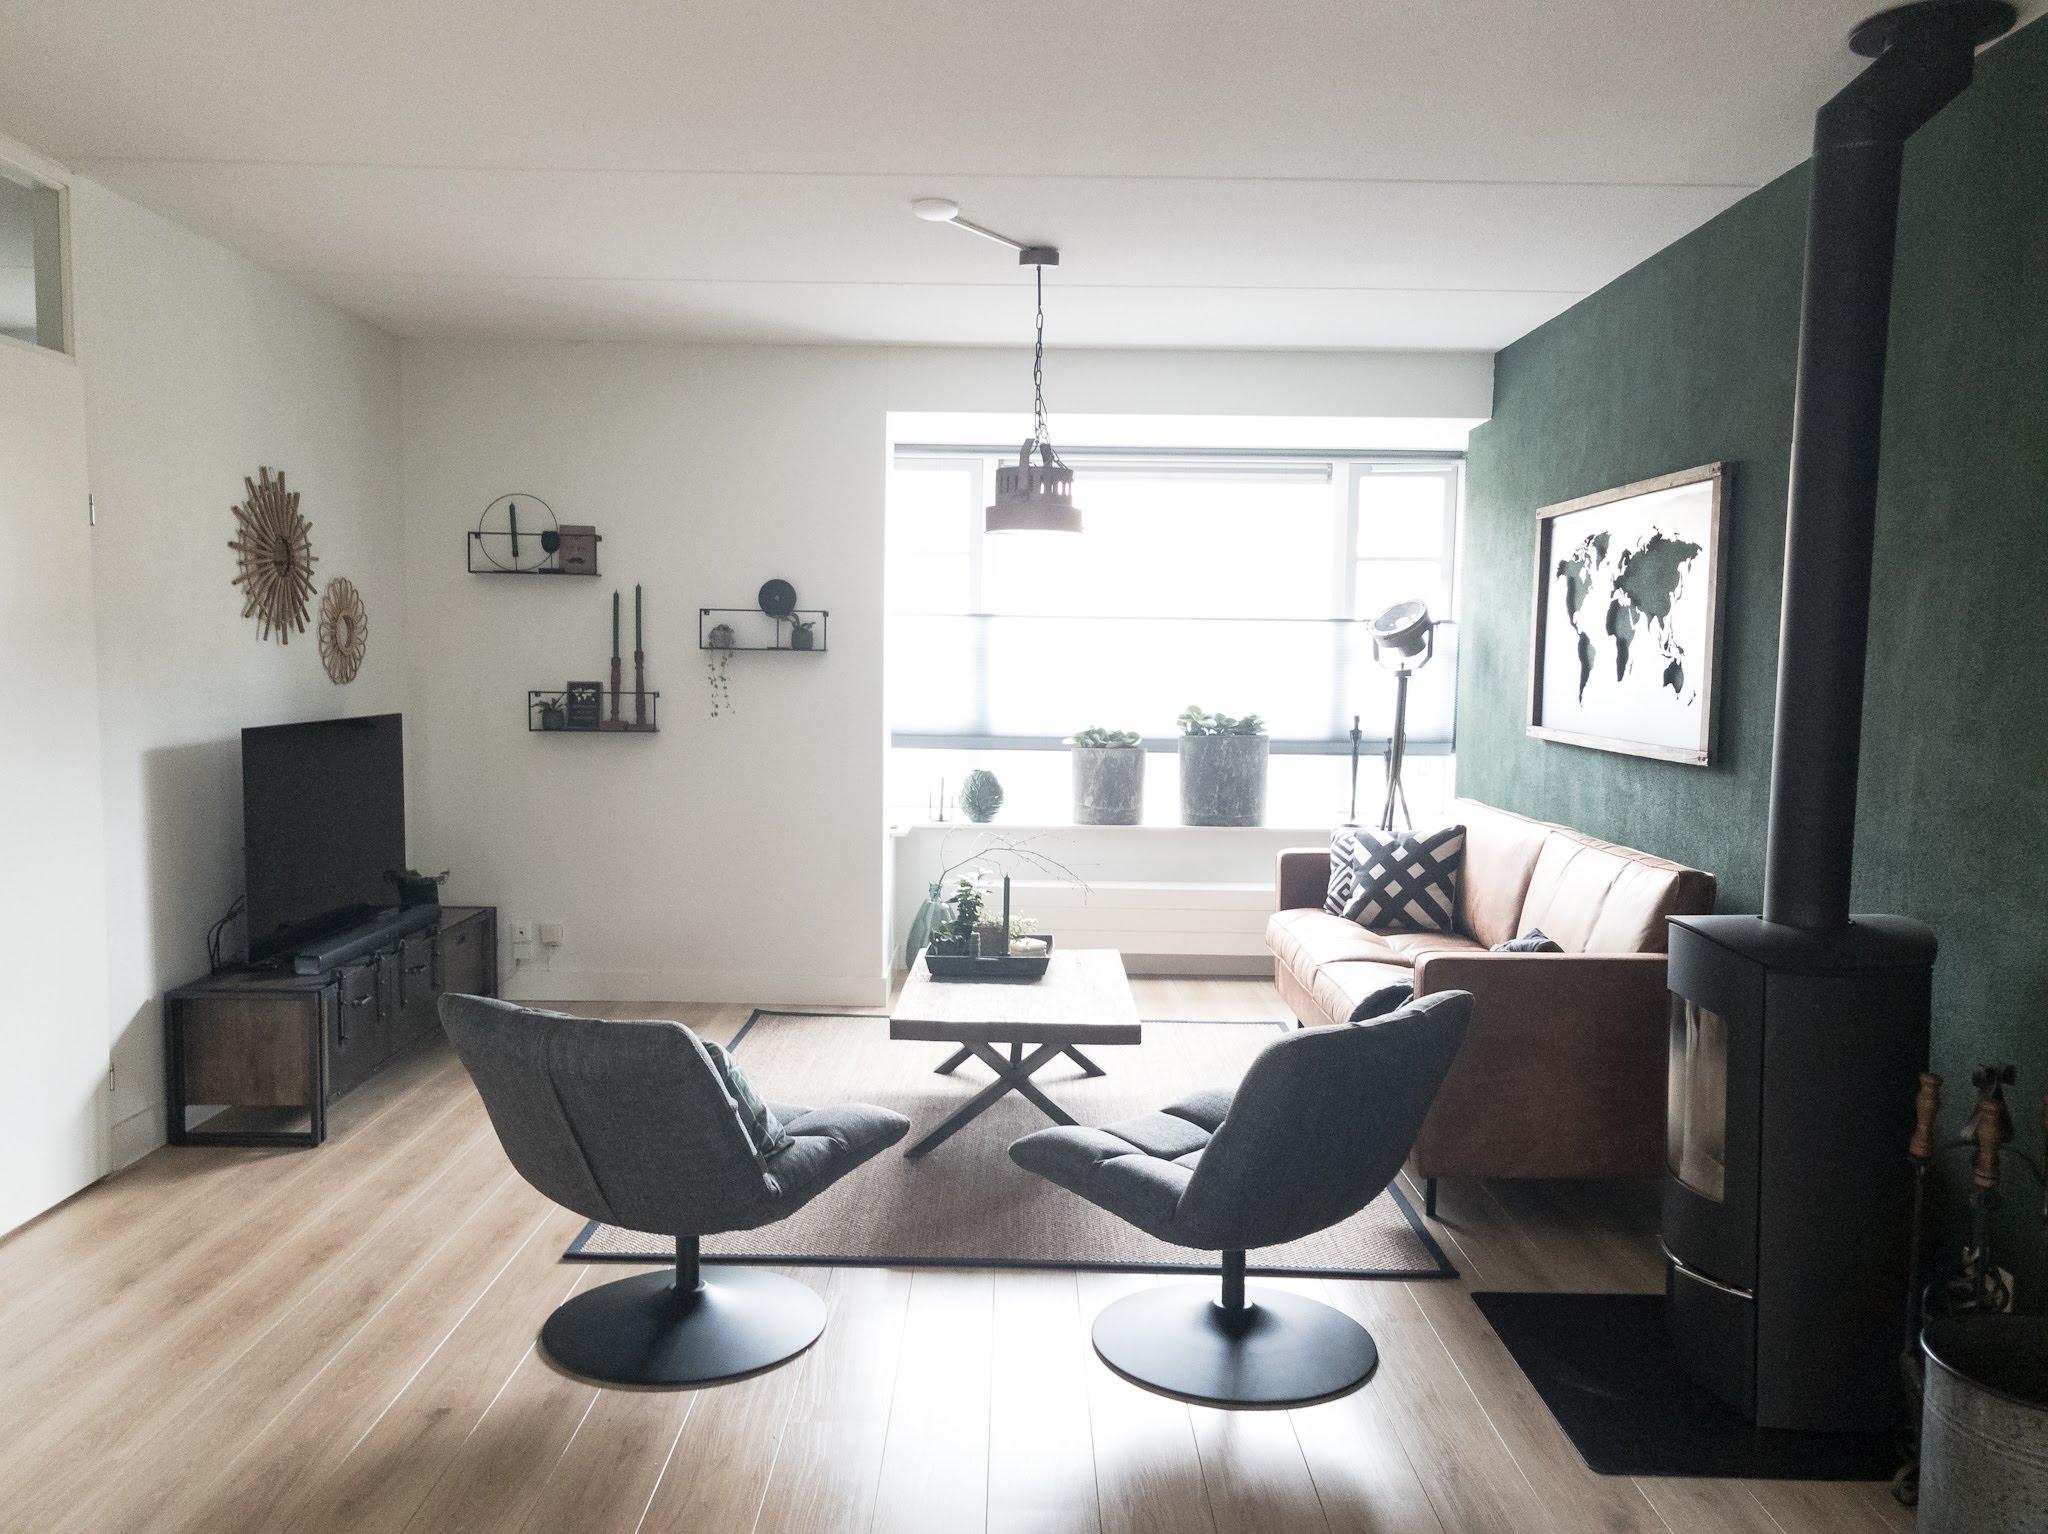 Portfolio interieur foto's woonkamer eethoek groen cognac stoer (4)